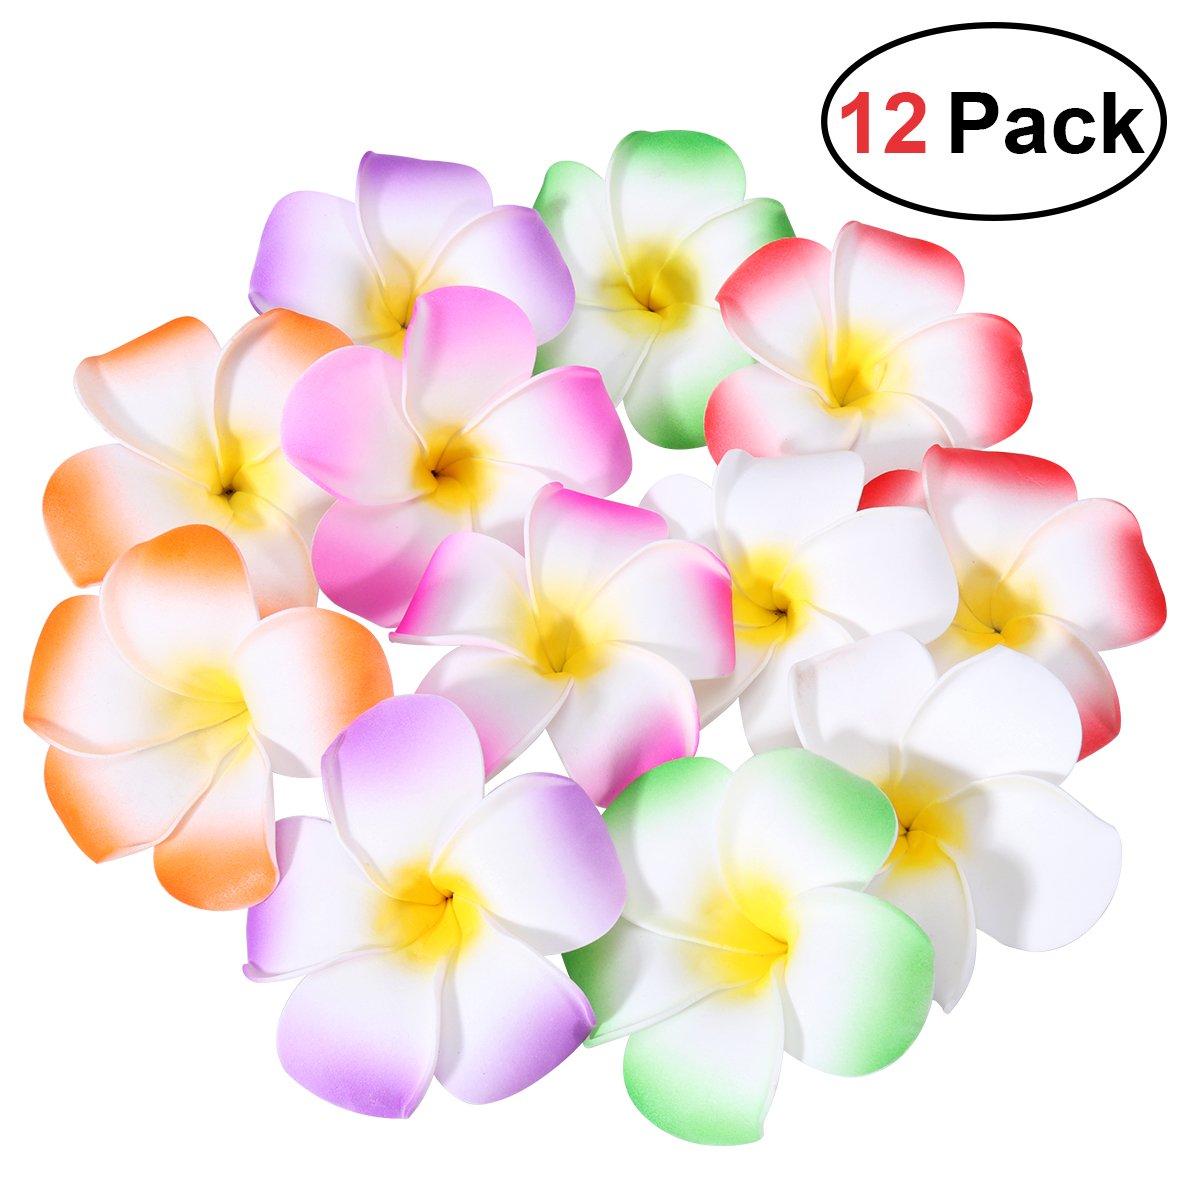 Frcolor FRCOLOR fleur pinces à cheveux, hawaïen fleur d'hibiscus pince à cheveux Barrettes multicolore mousse pince à cheveux accessoire pour les filles femmes plage vacances de mariage, paquet de 12